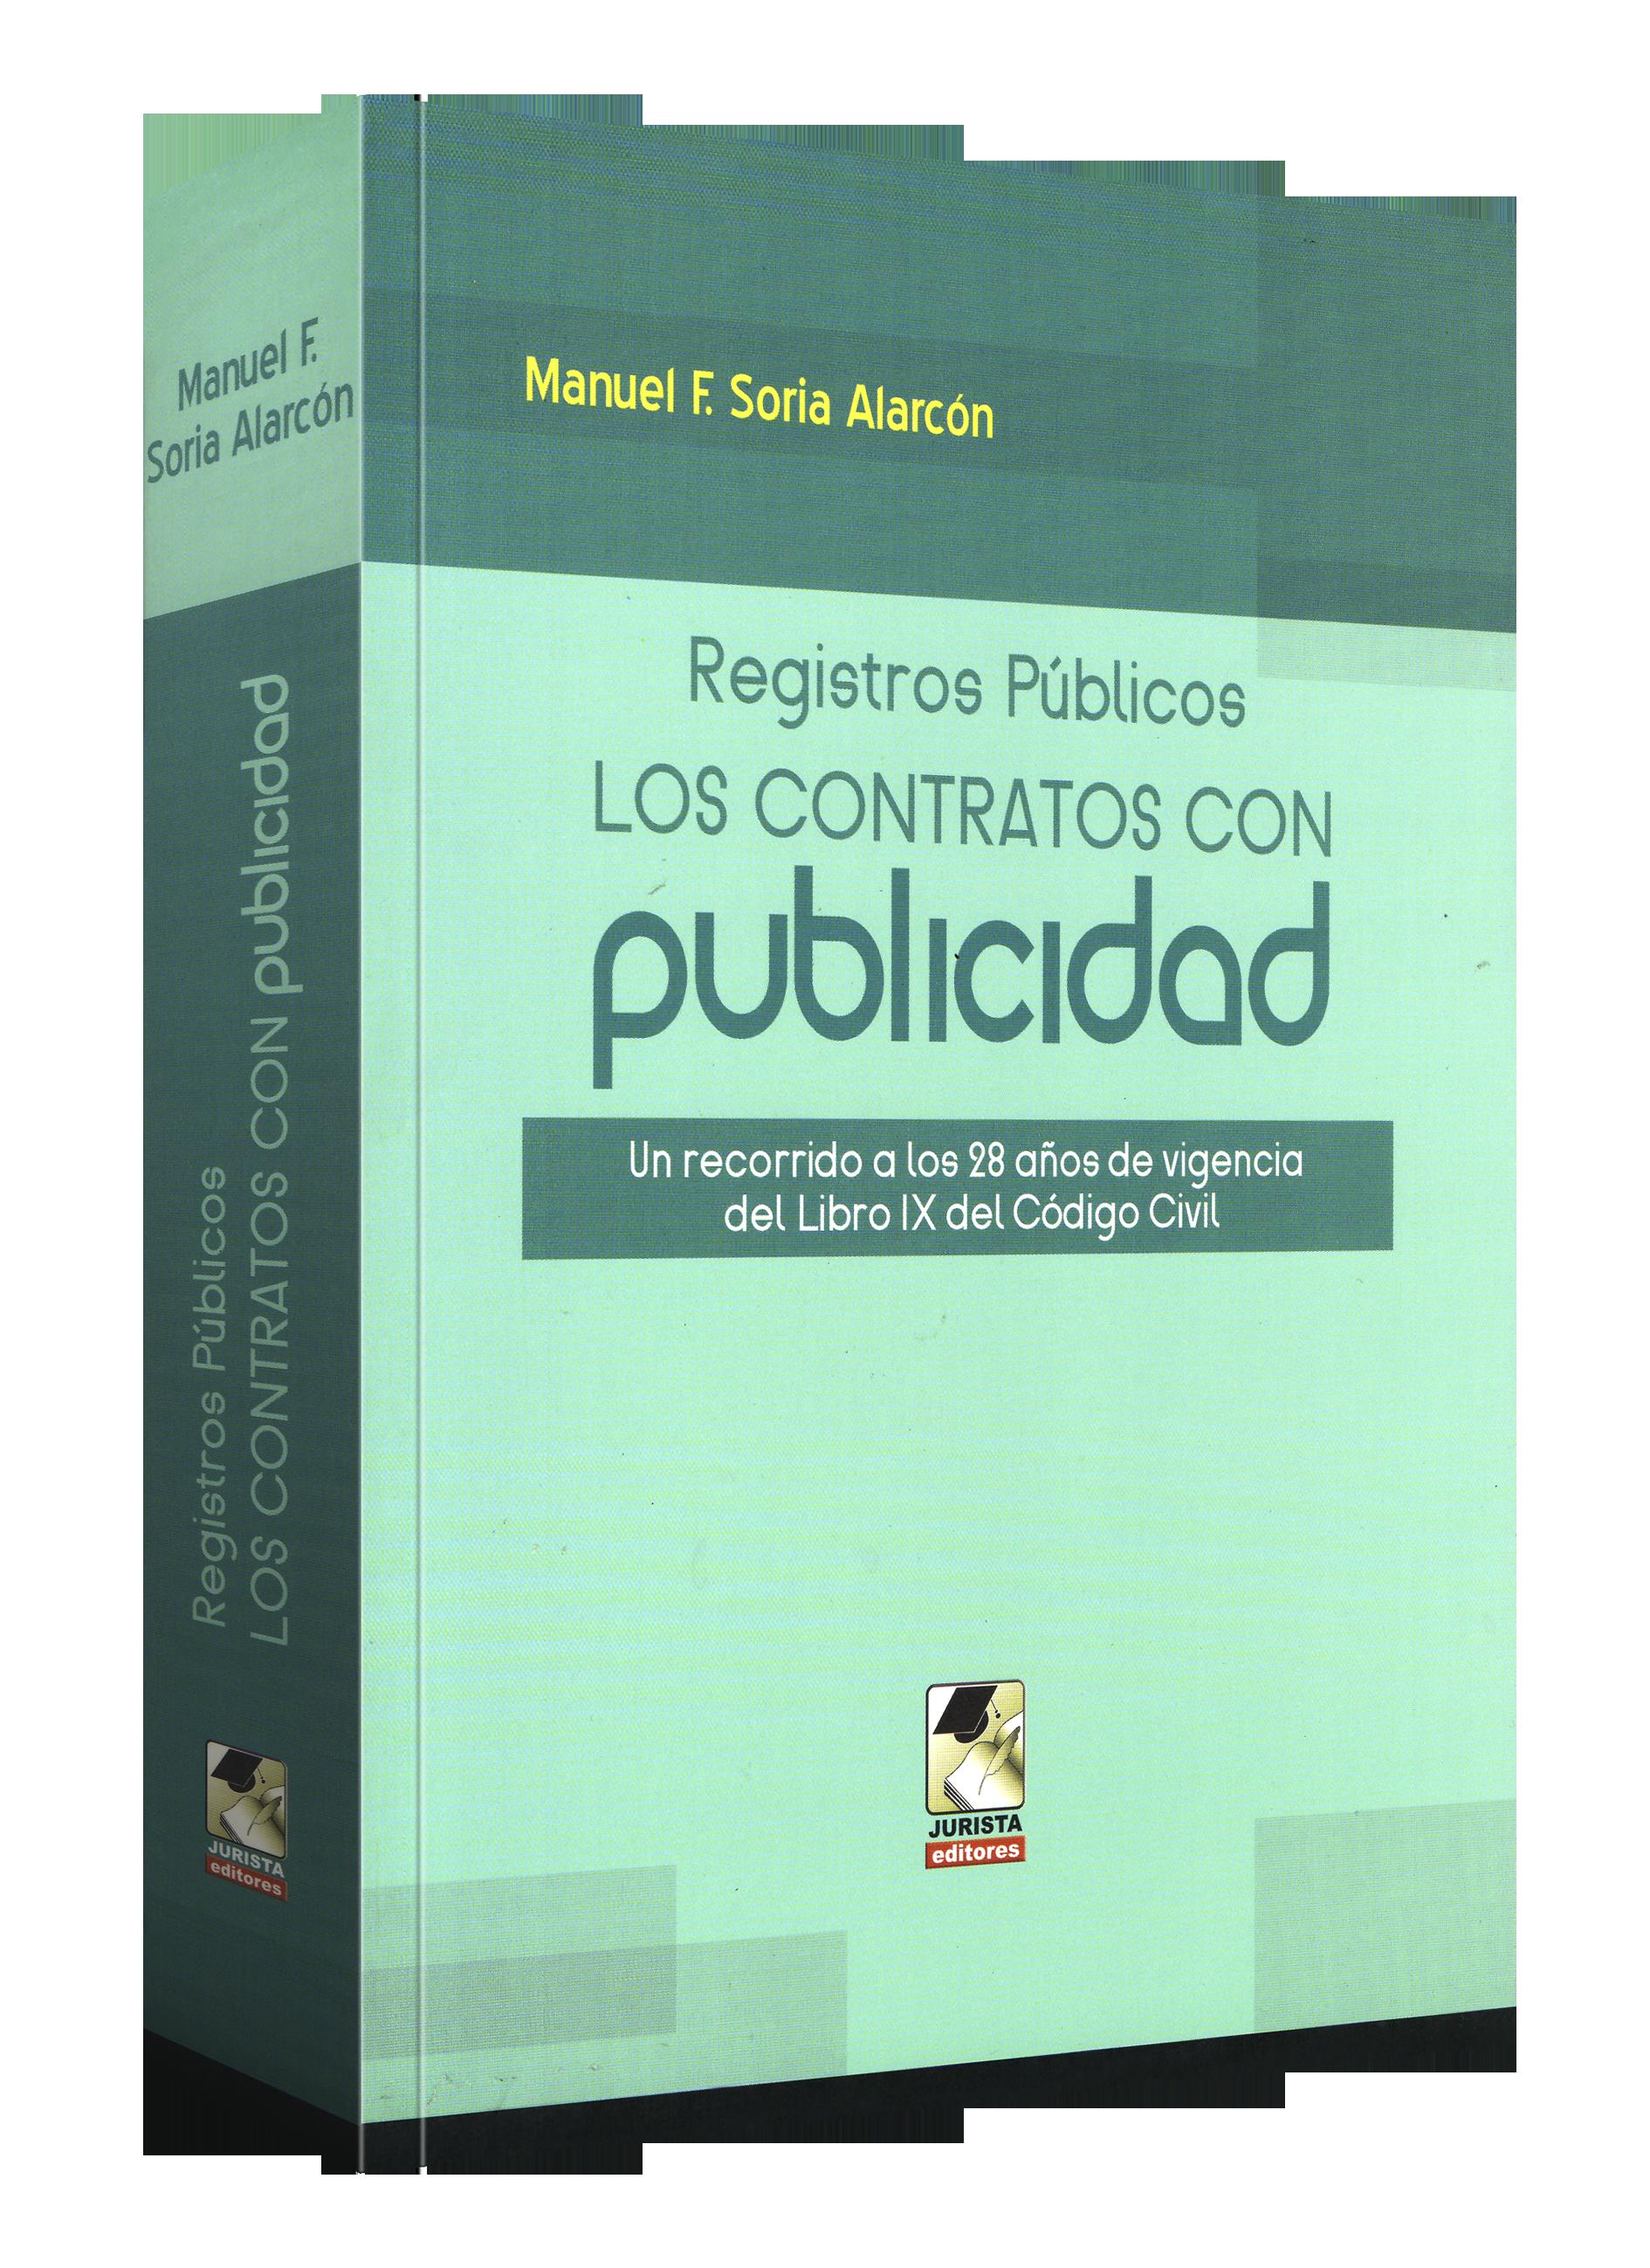 Registros Públicos Los Contratos Con publicidad